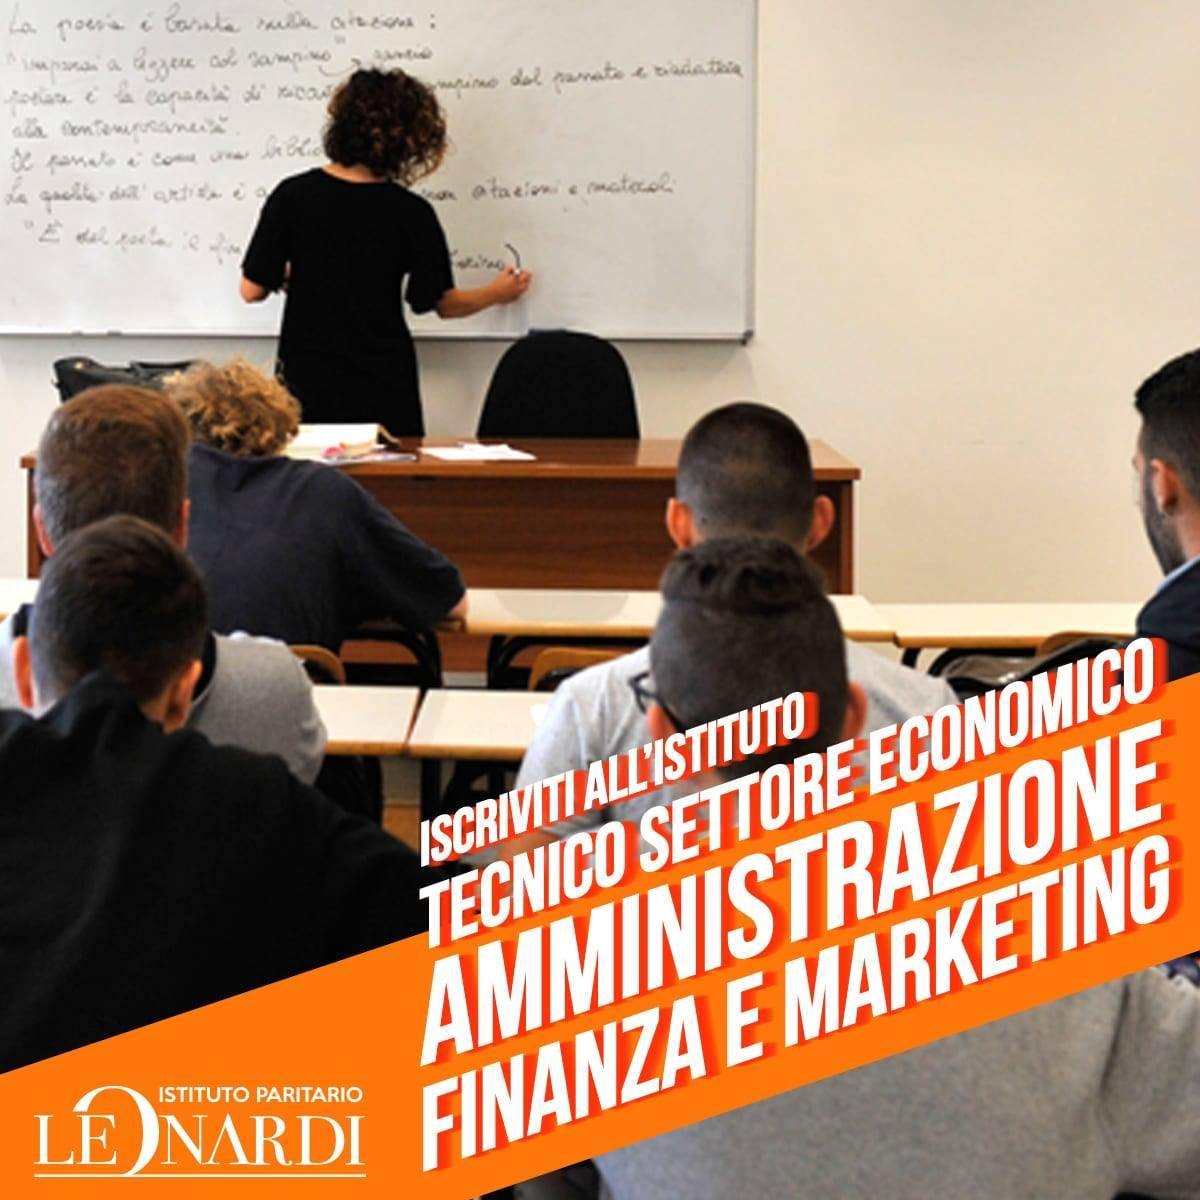 Istituto tecnico settore economico AFM Leonardi Perugia